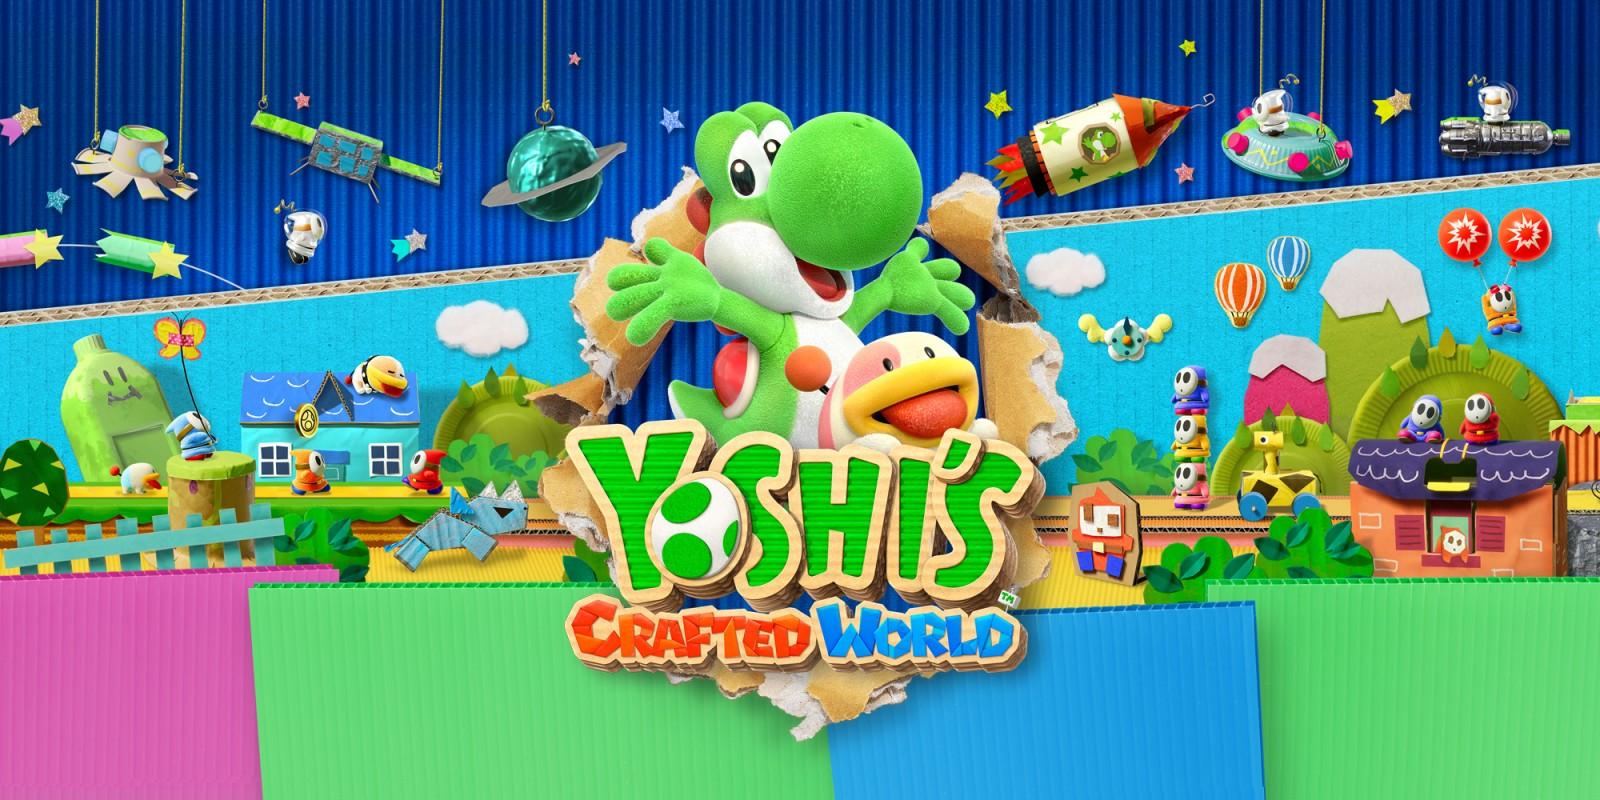 Yoshi's Crafted World é o primeiro jogo da Nintendo desenvolvido na Unreal Engine 4 e com resolução dinâmica